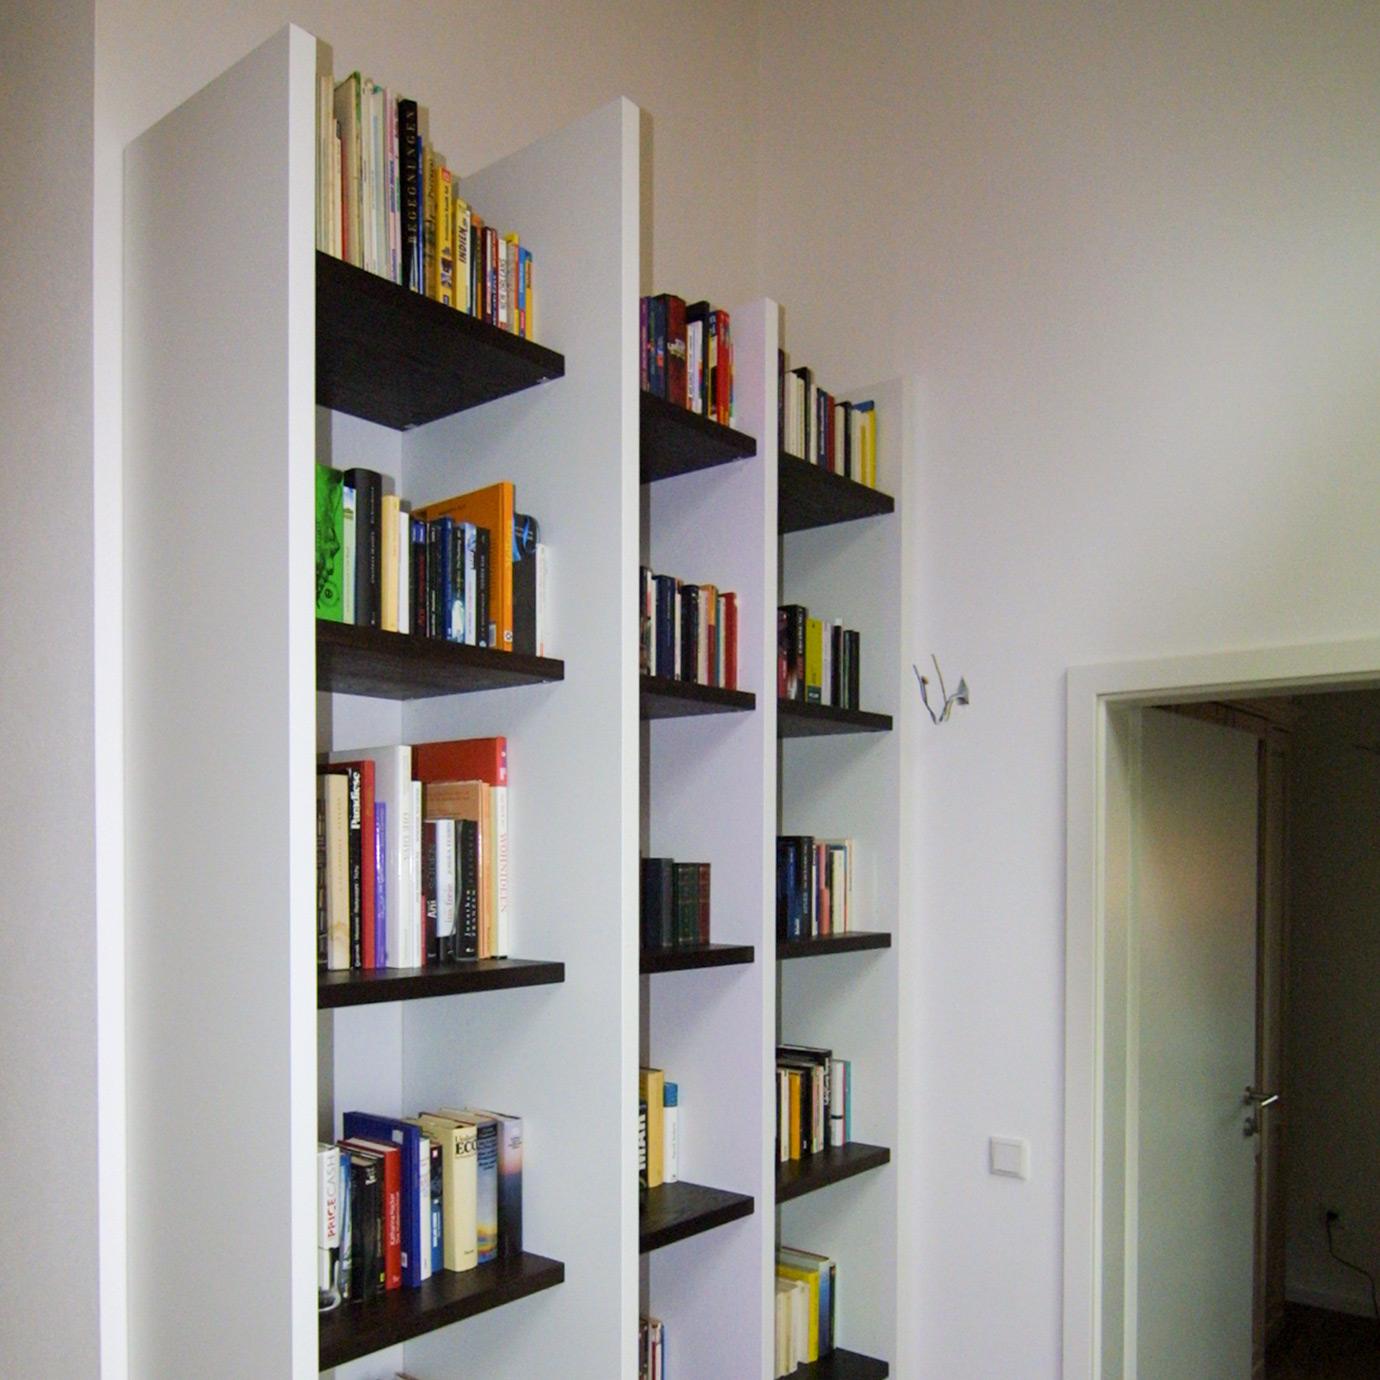 schreinerarbeiten nach ma dreim hlenstra e peter dany m nchen. Black Bedroom Furniture Sets. Home Design Ideas